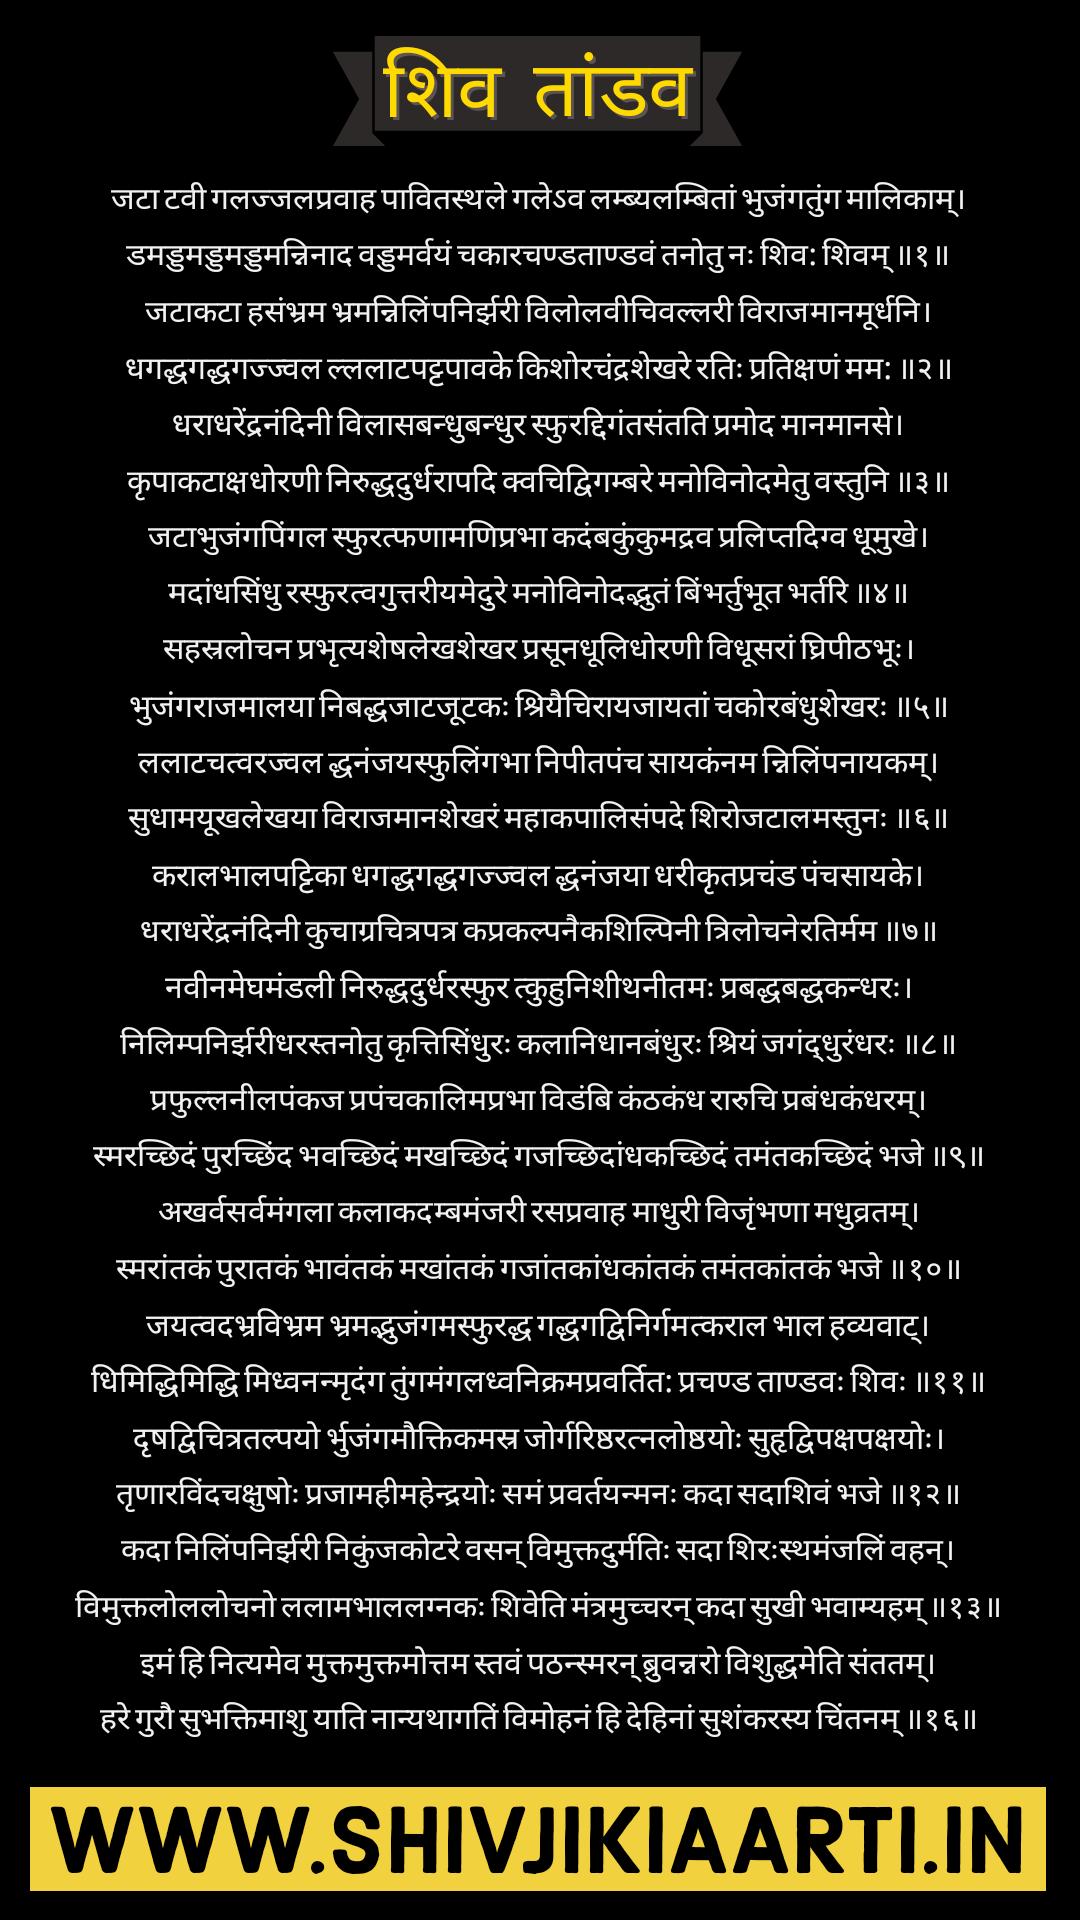 Shiv tandav lyrics